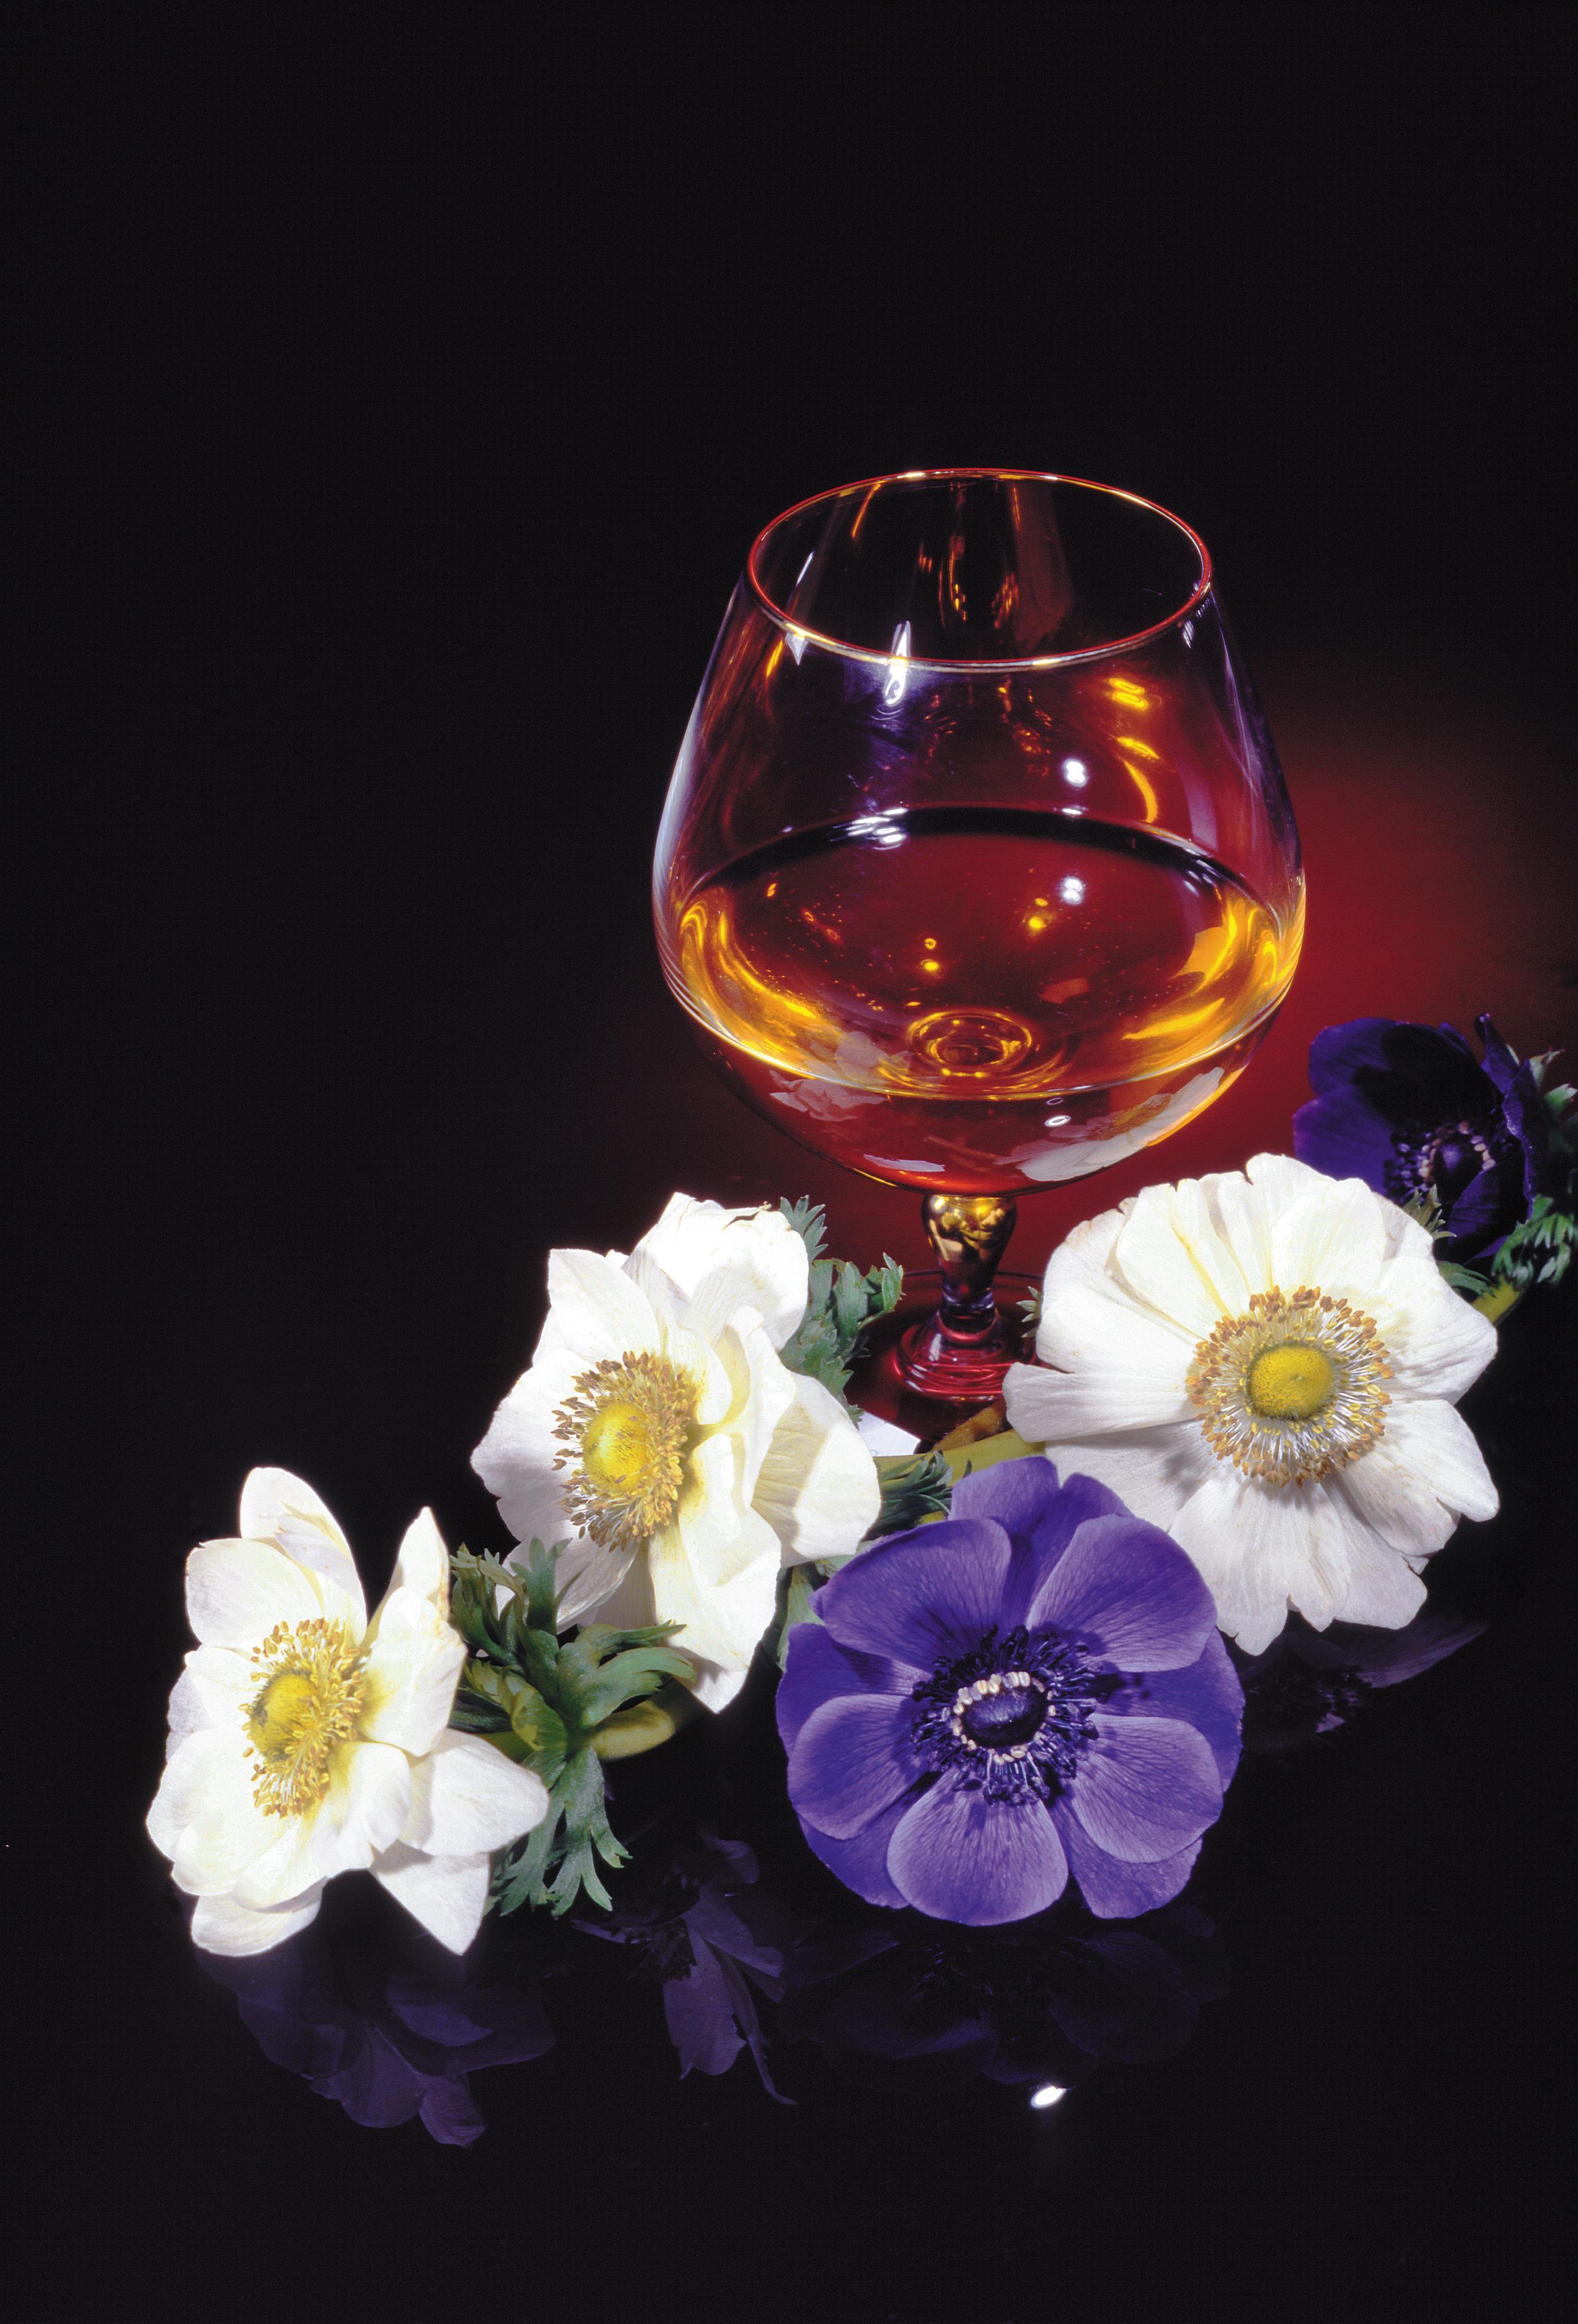 Картинки Алкогольные напитки Цветы Пища Бокалы Ветреница Черный фон цветок Еда бокал Анемоны Продукты питания на черном фоне